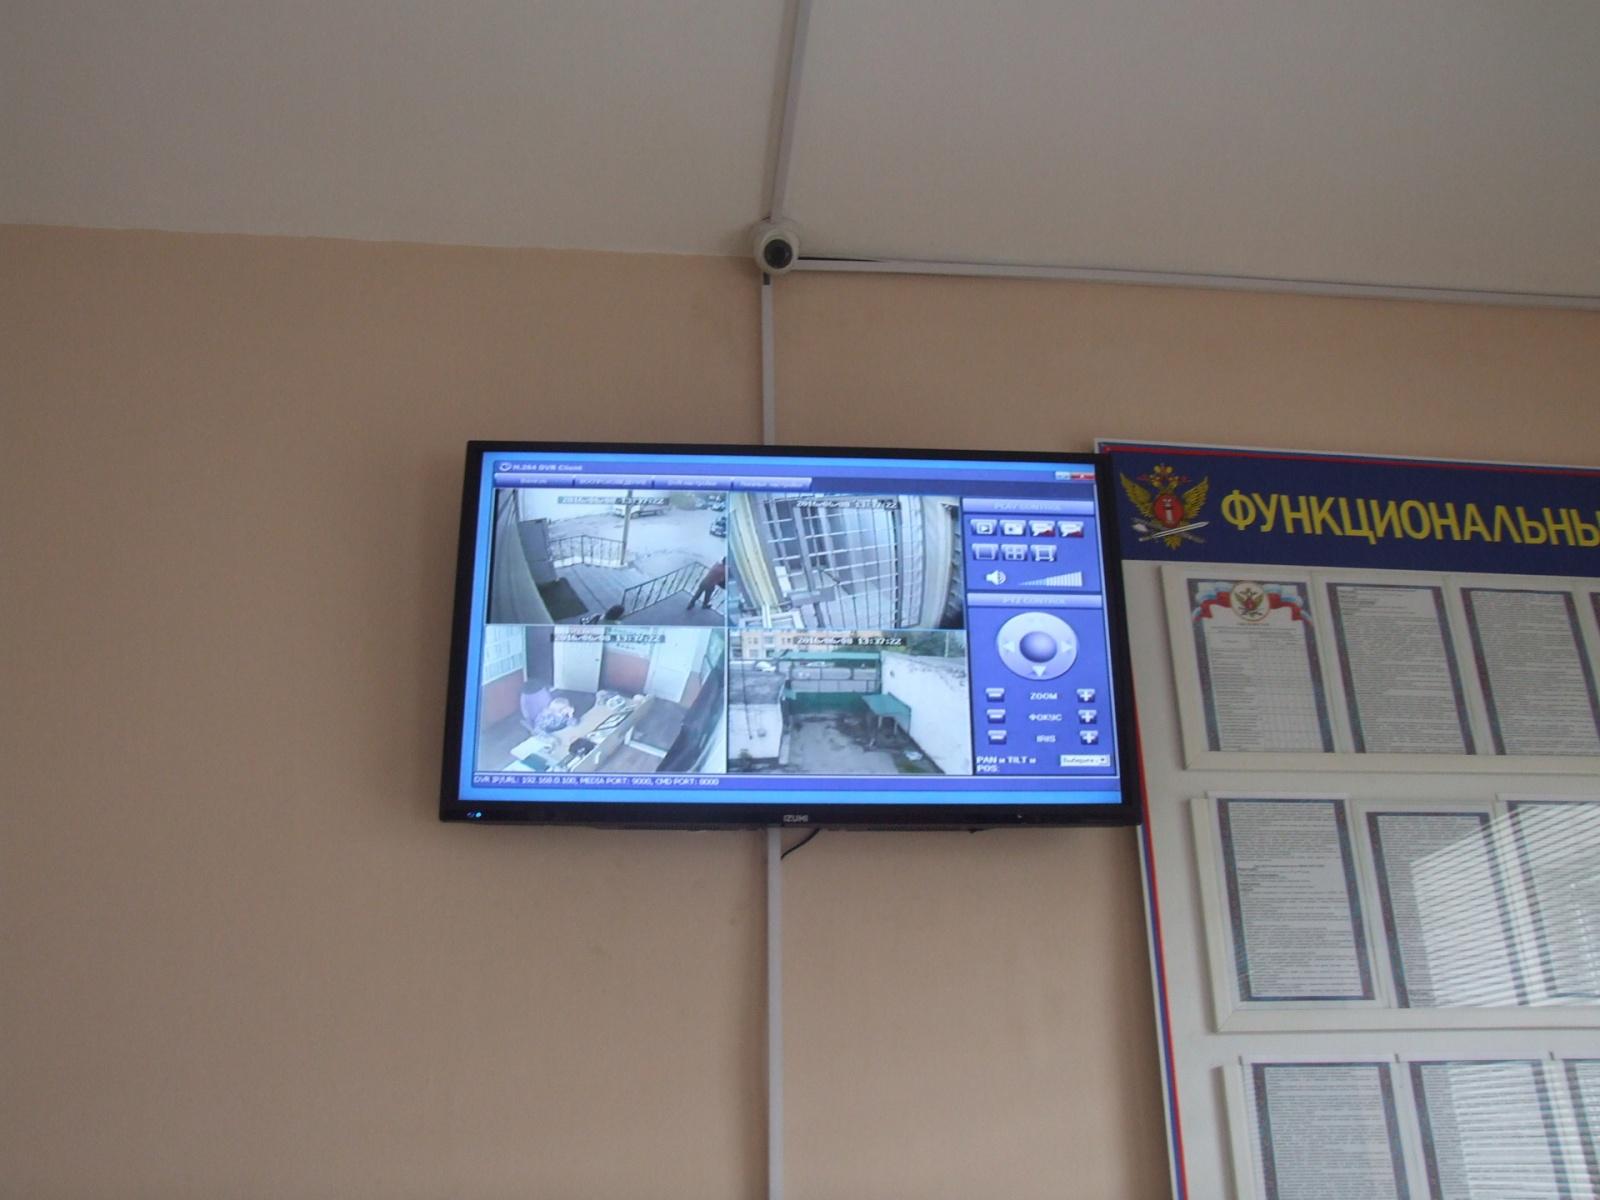 Тюремные телекоммуникации - 12